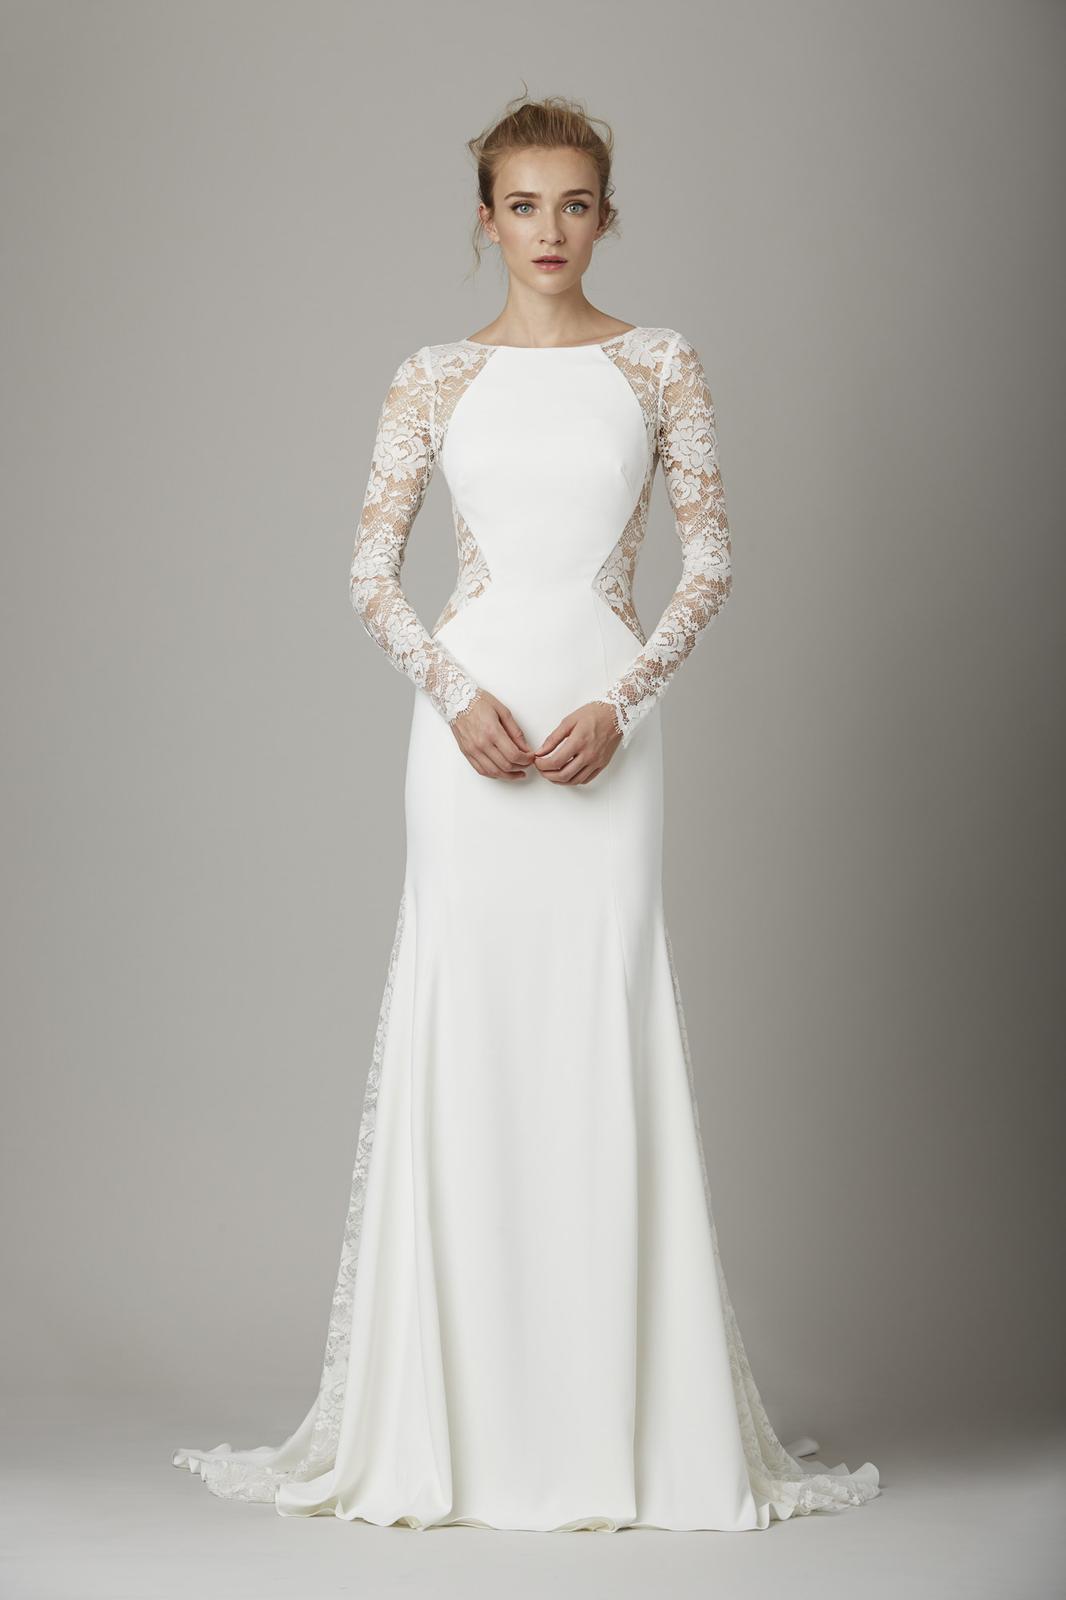 Svadobné šaty s dlhými rukávmi - Obrázok č. 32